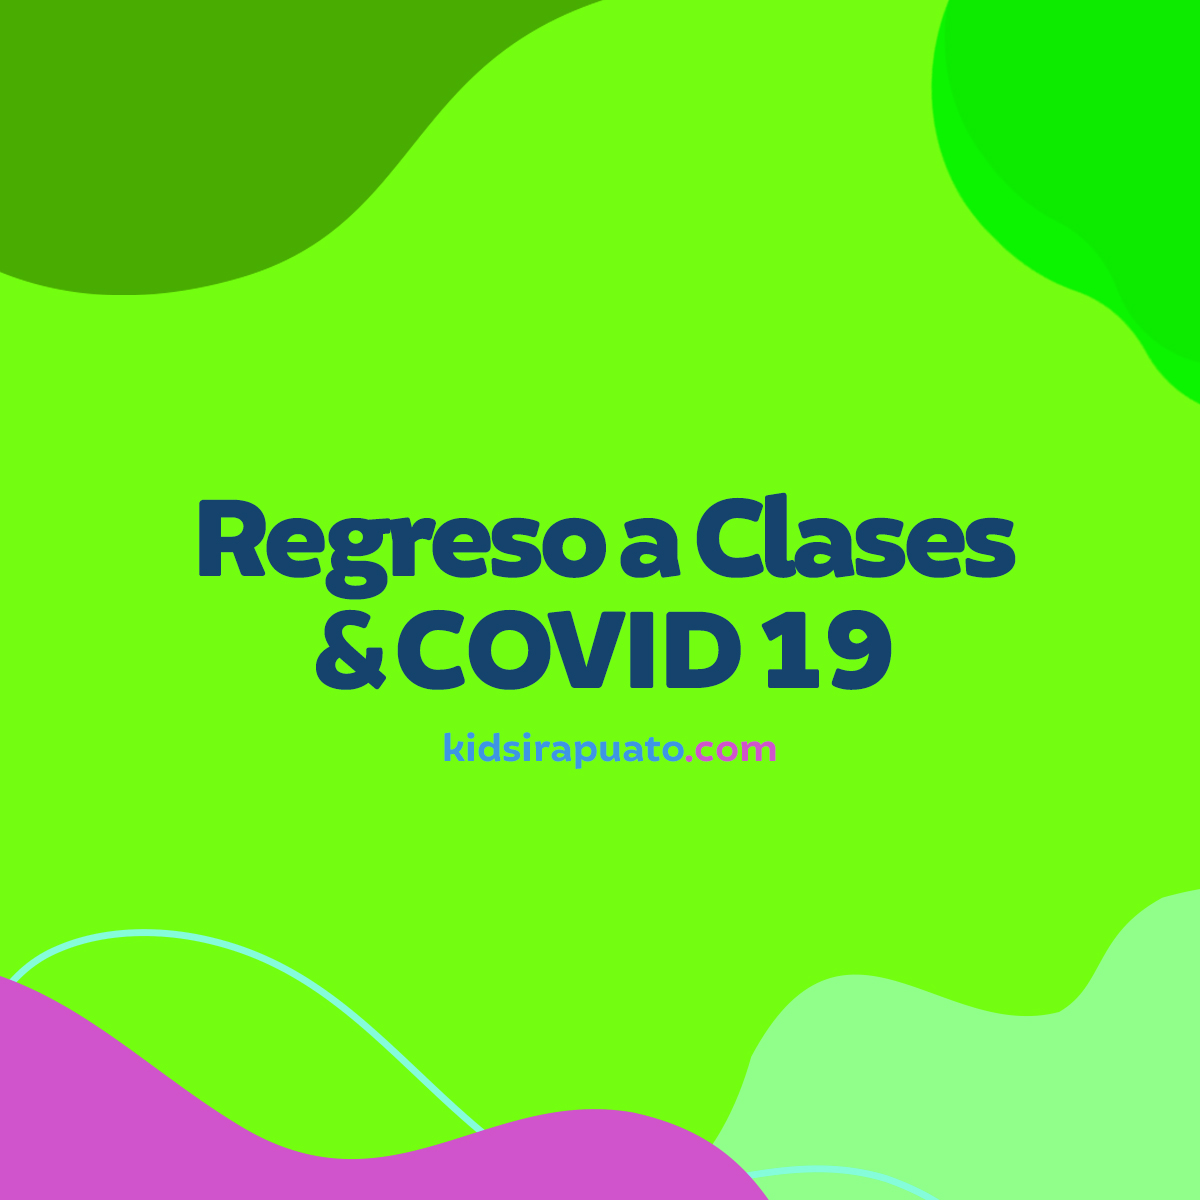 Regreso a clases y COVID-19